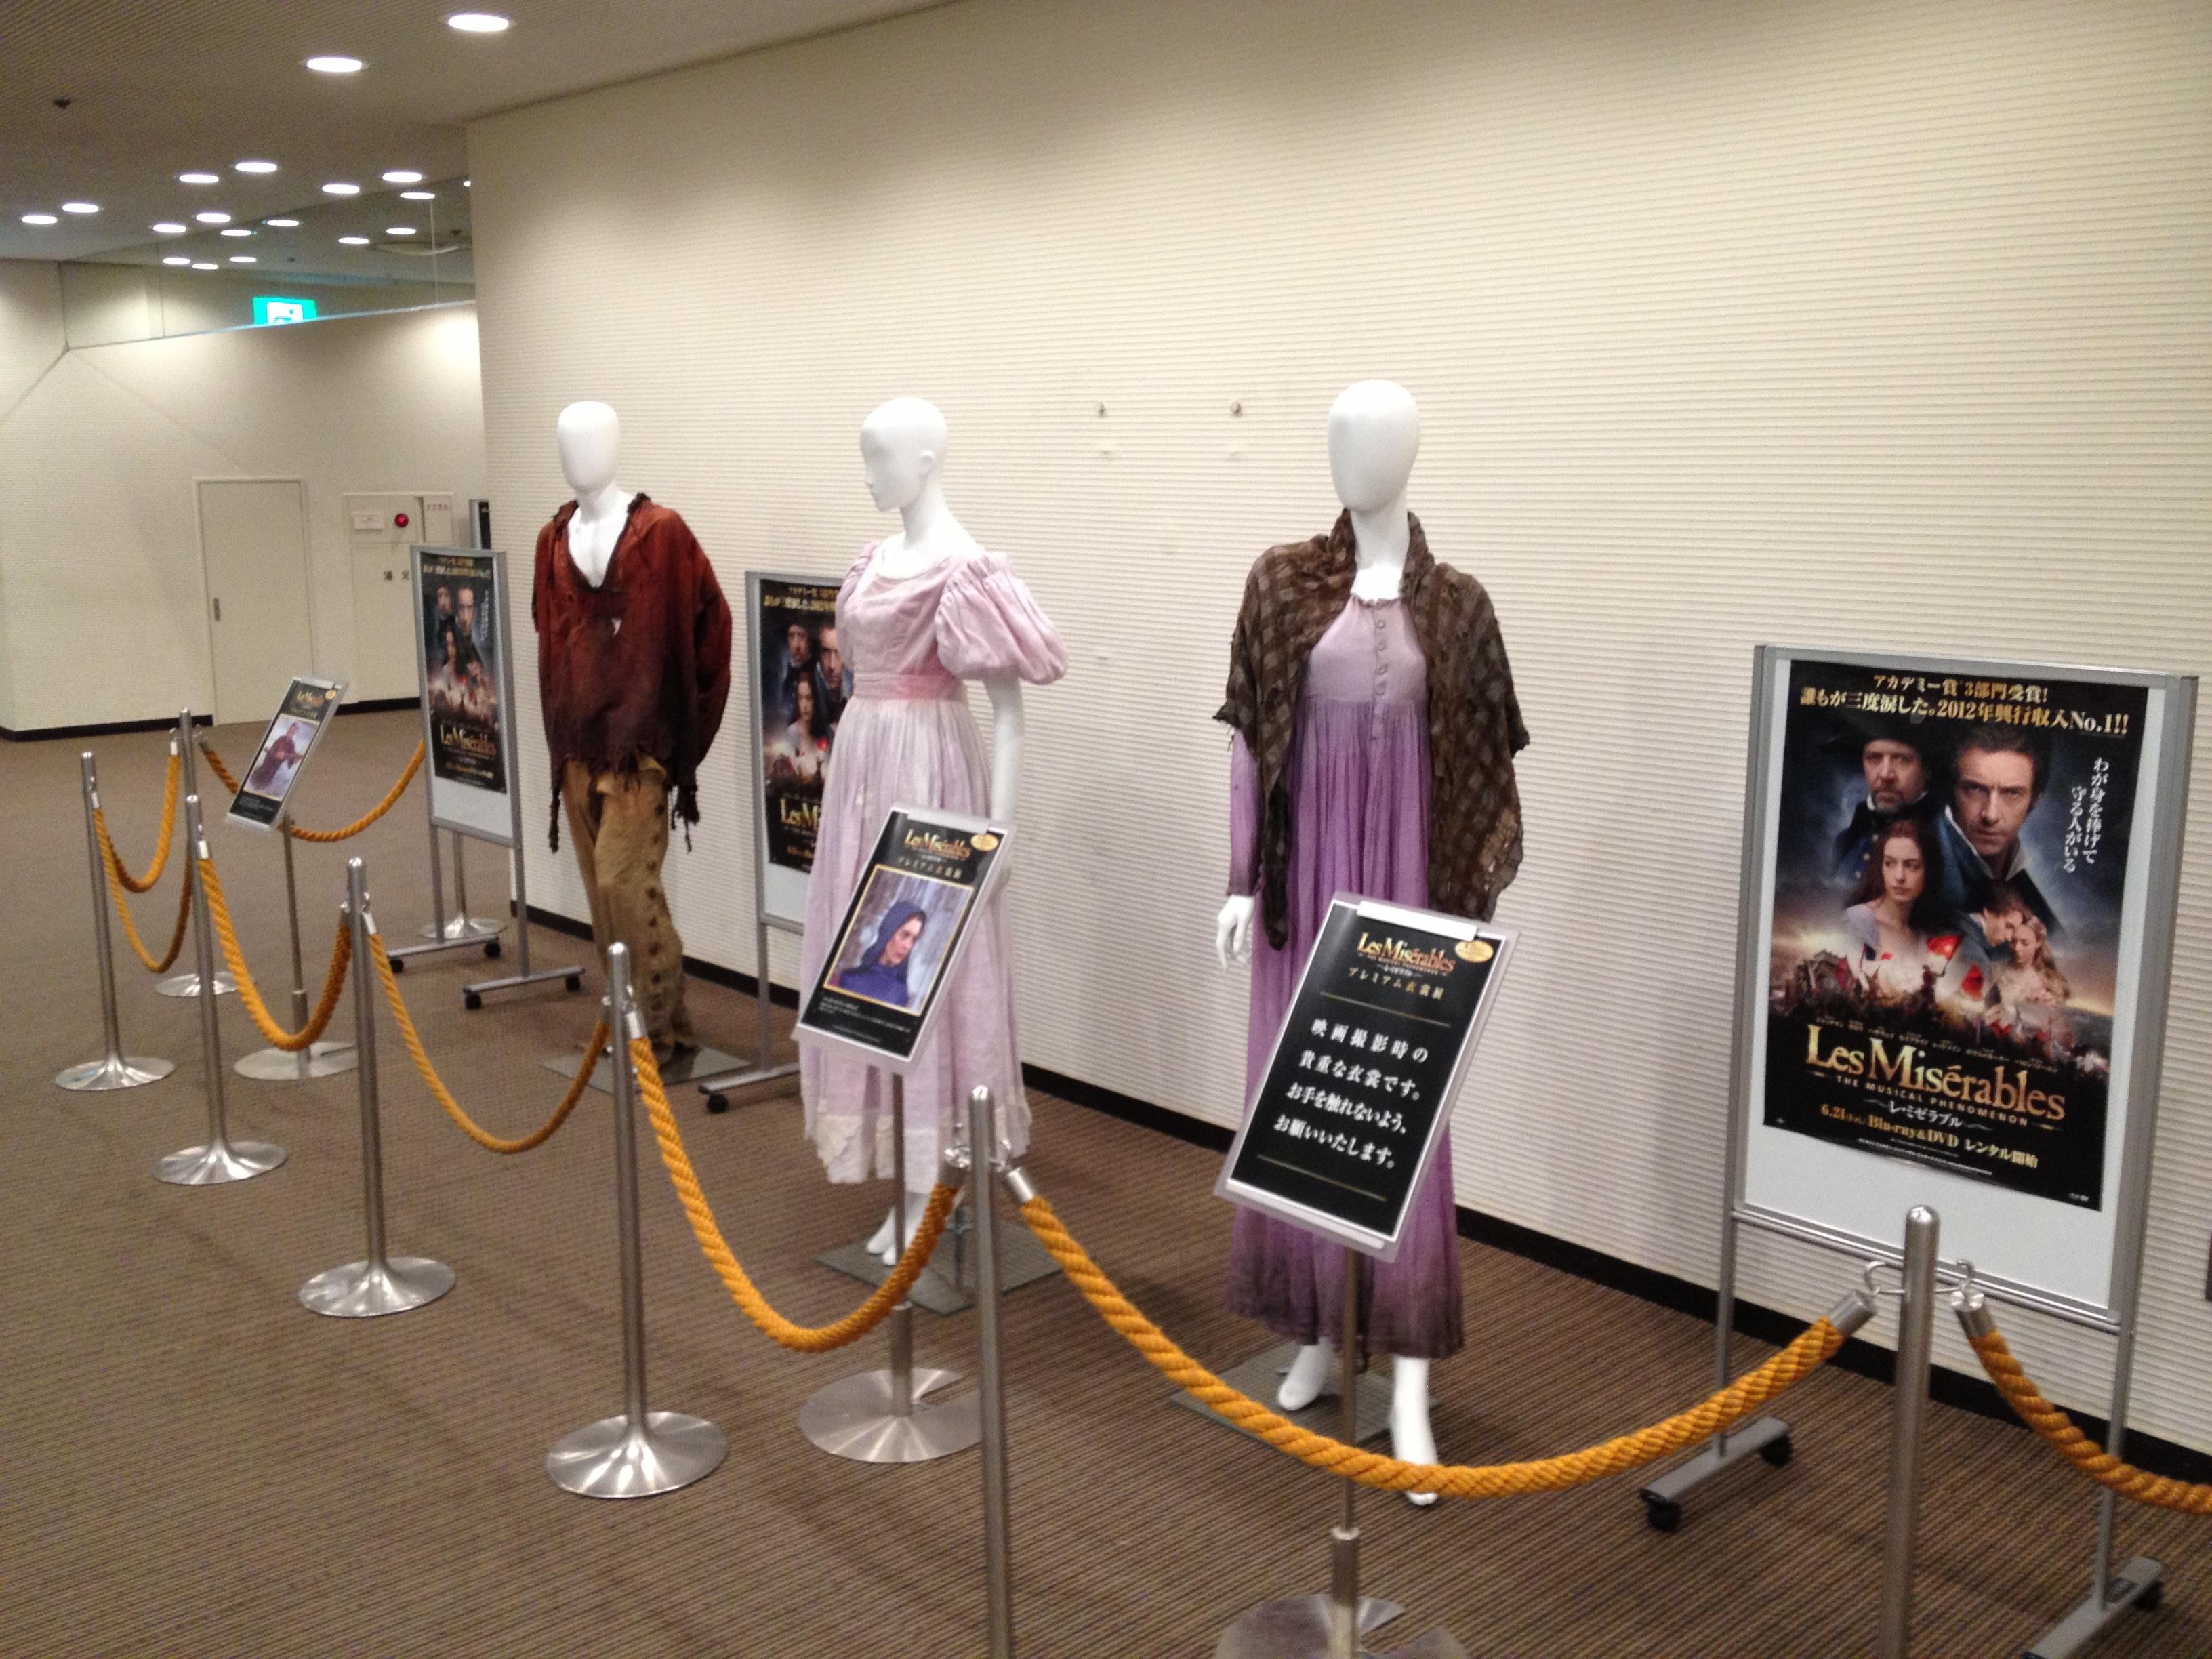 レ・ミゼラブル2012映画の衣装展の画像